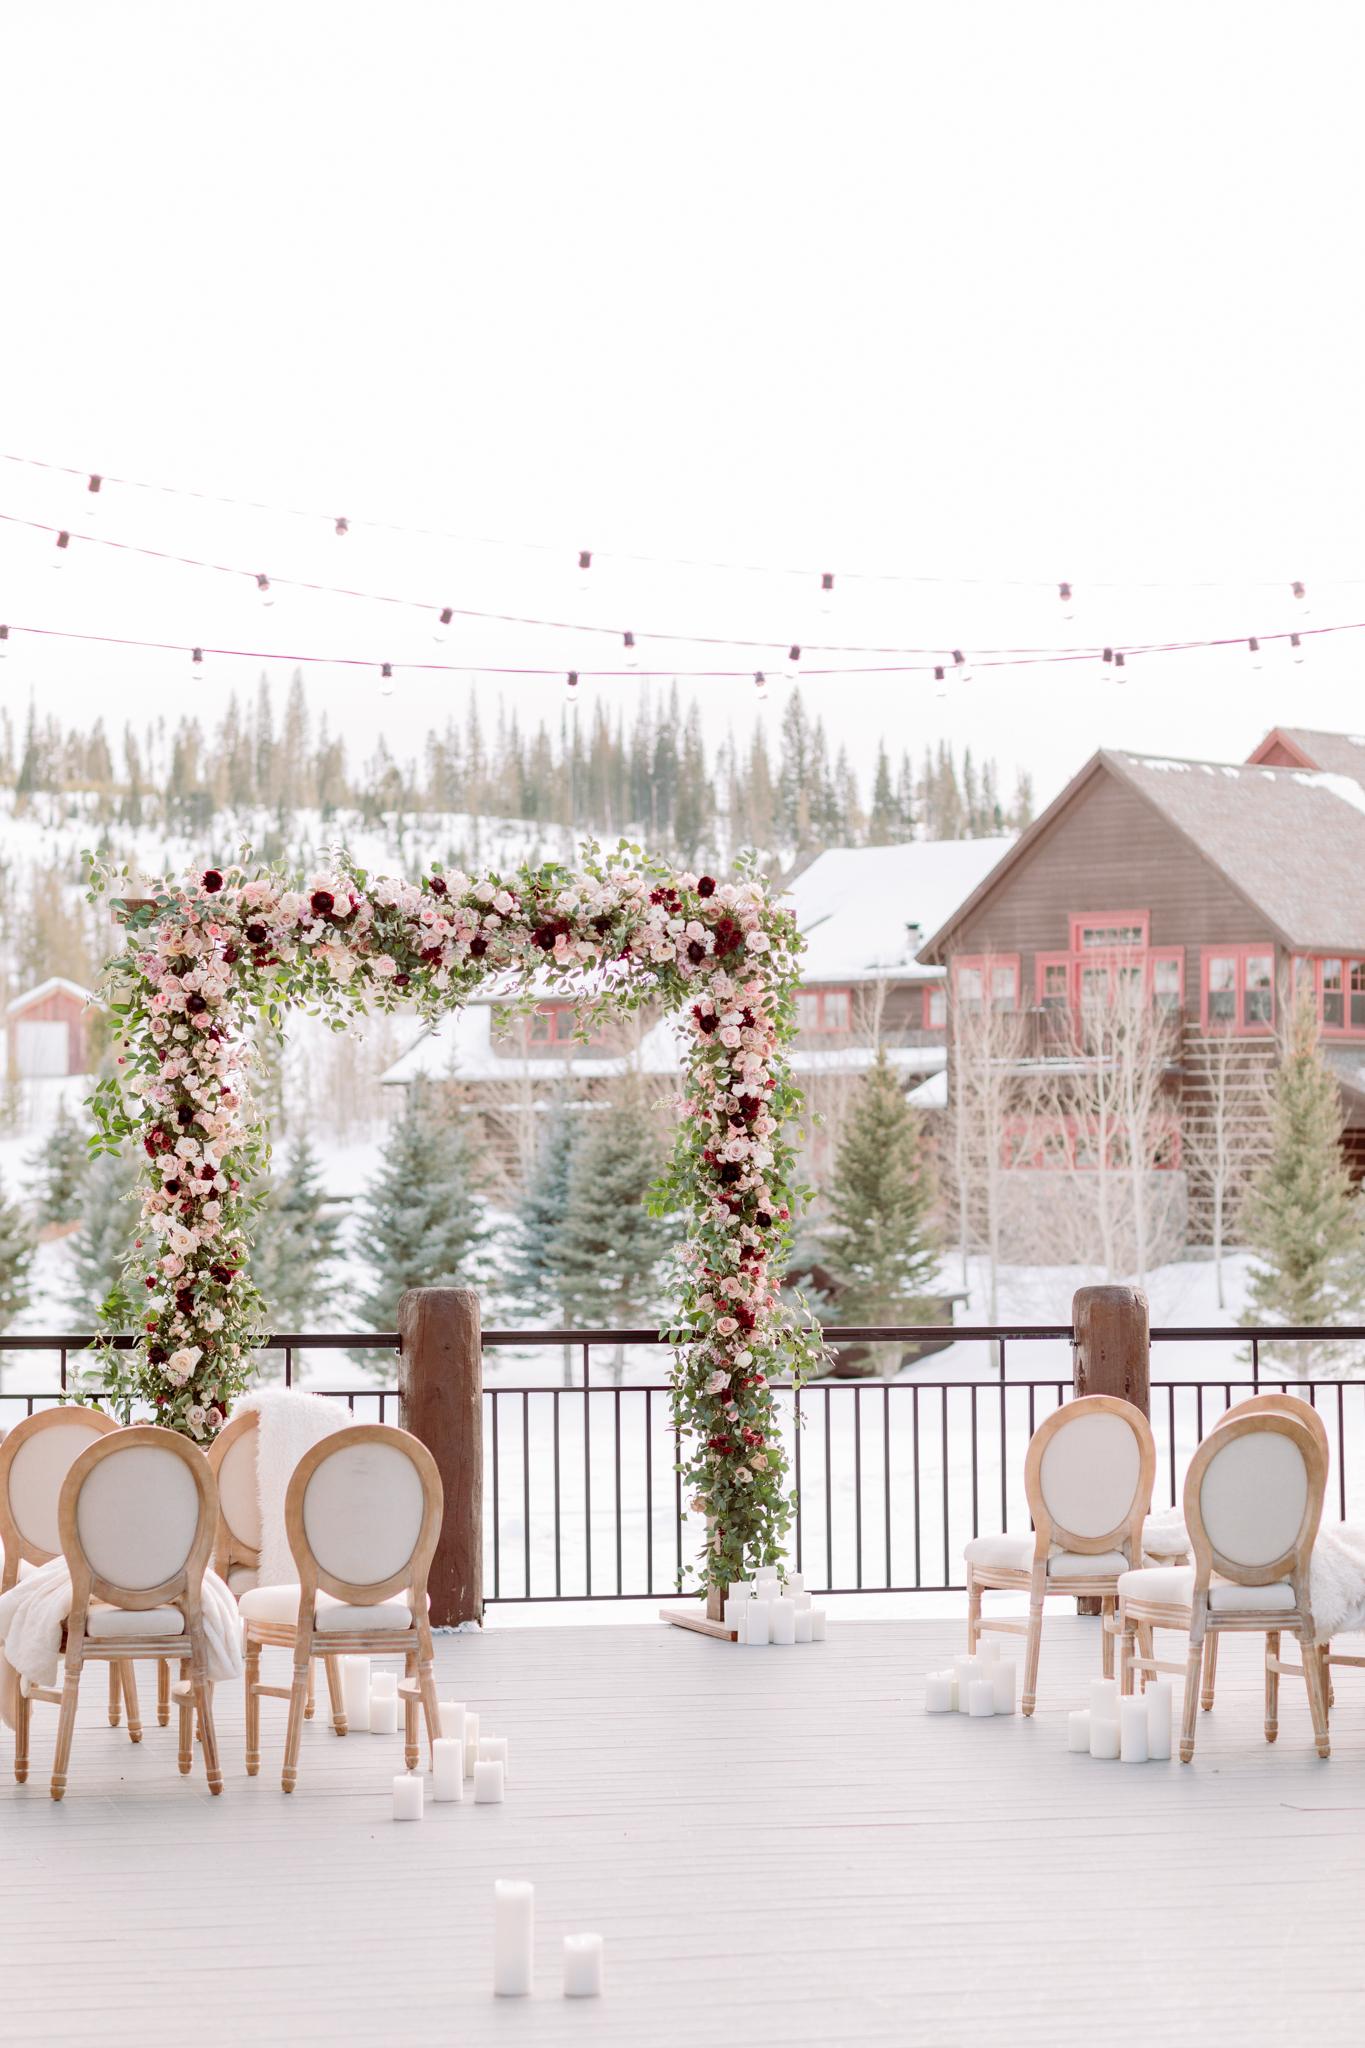 Devils-Thumb-Ranch-Tabernash-Colorado-Winter-Outdoor-Wedding-Ceremony-LaRue-Floral